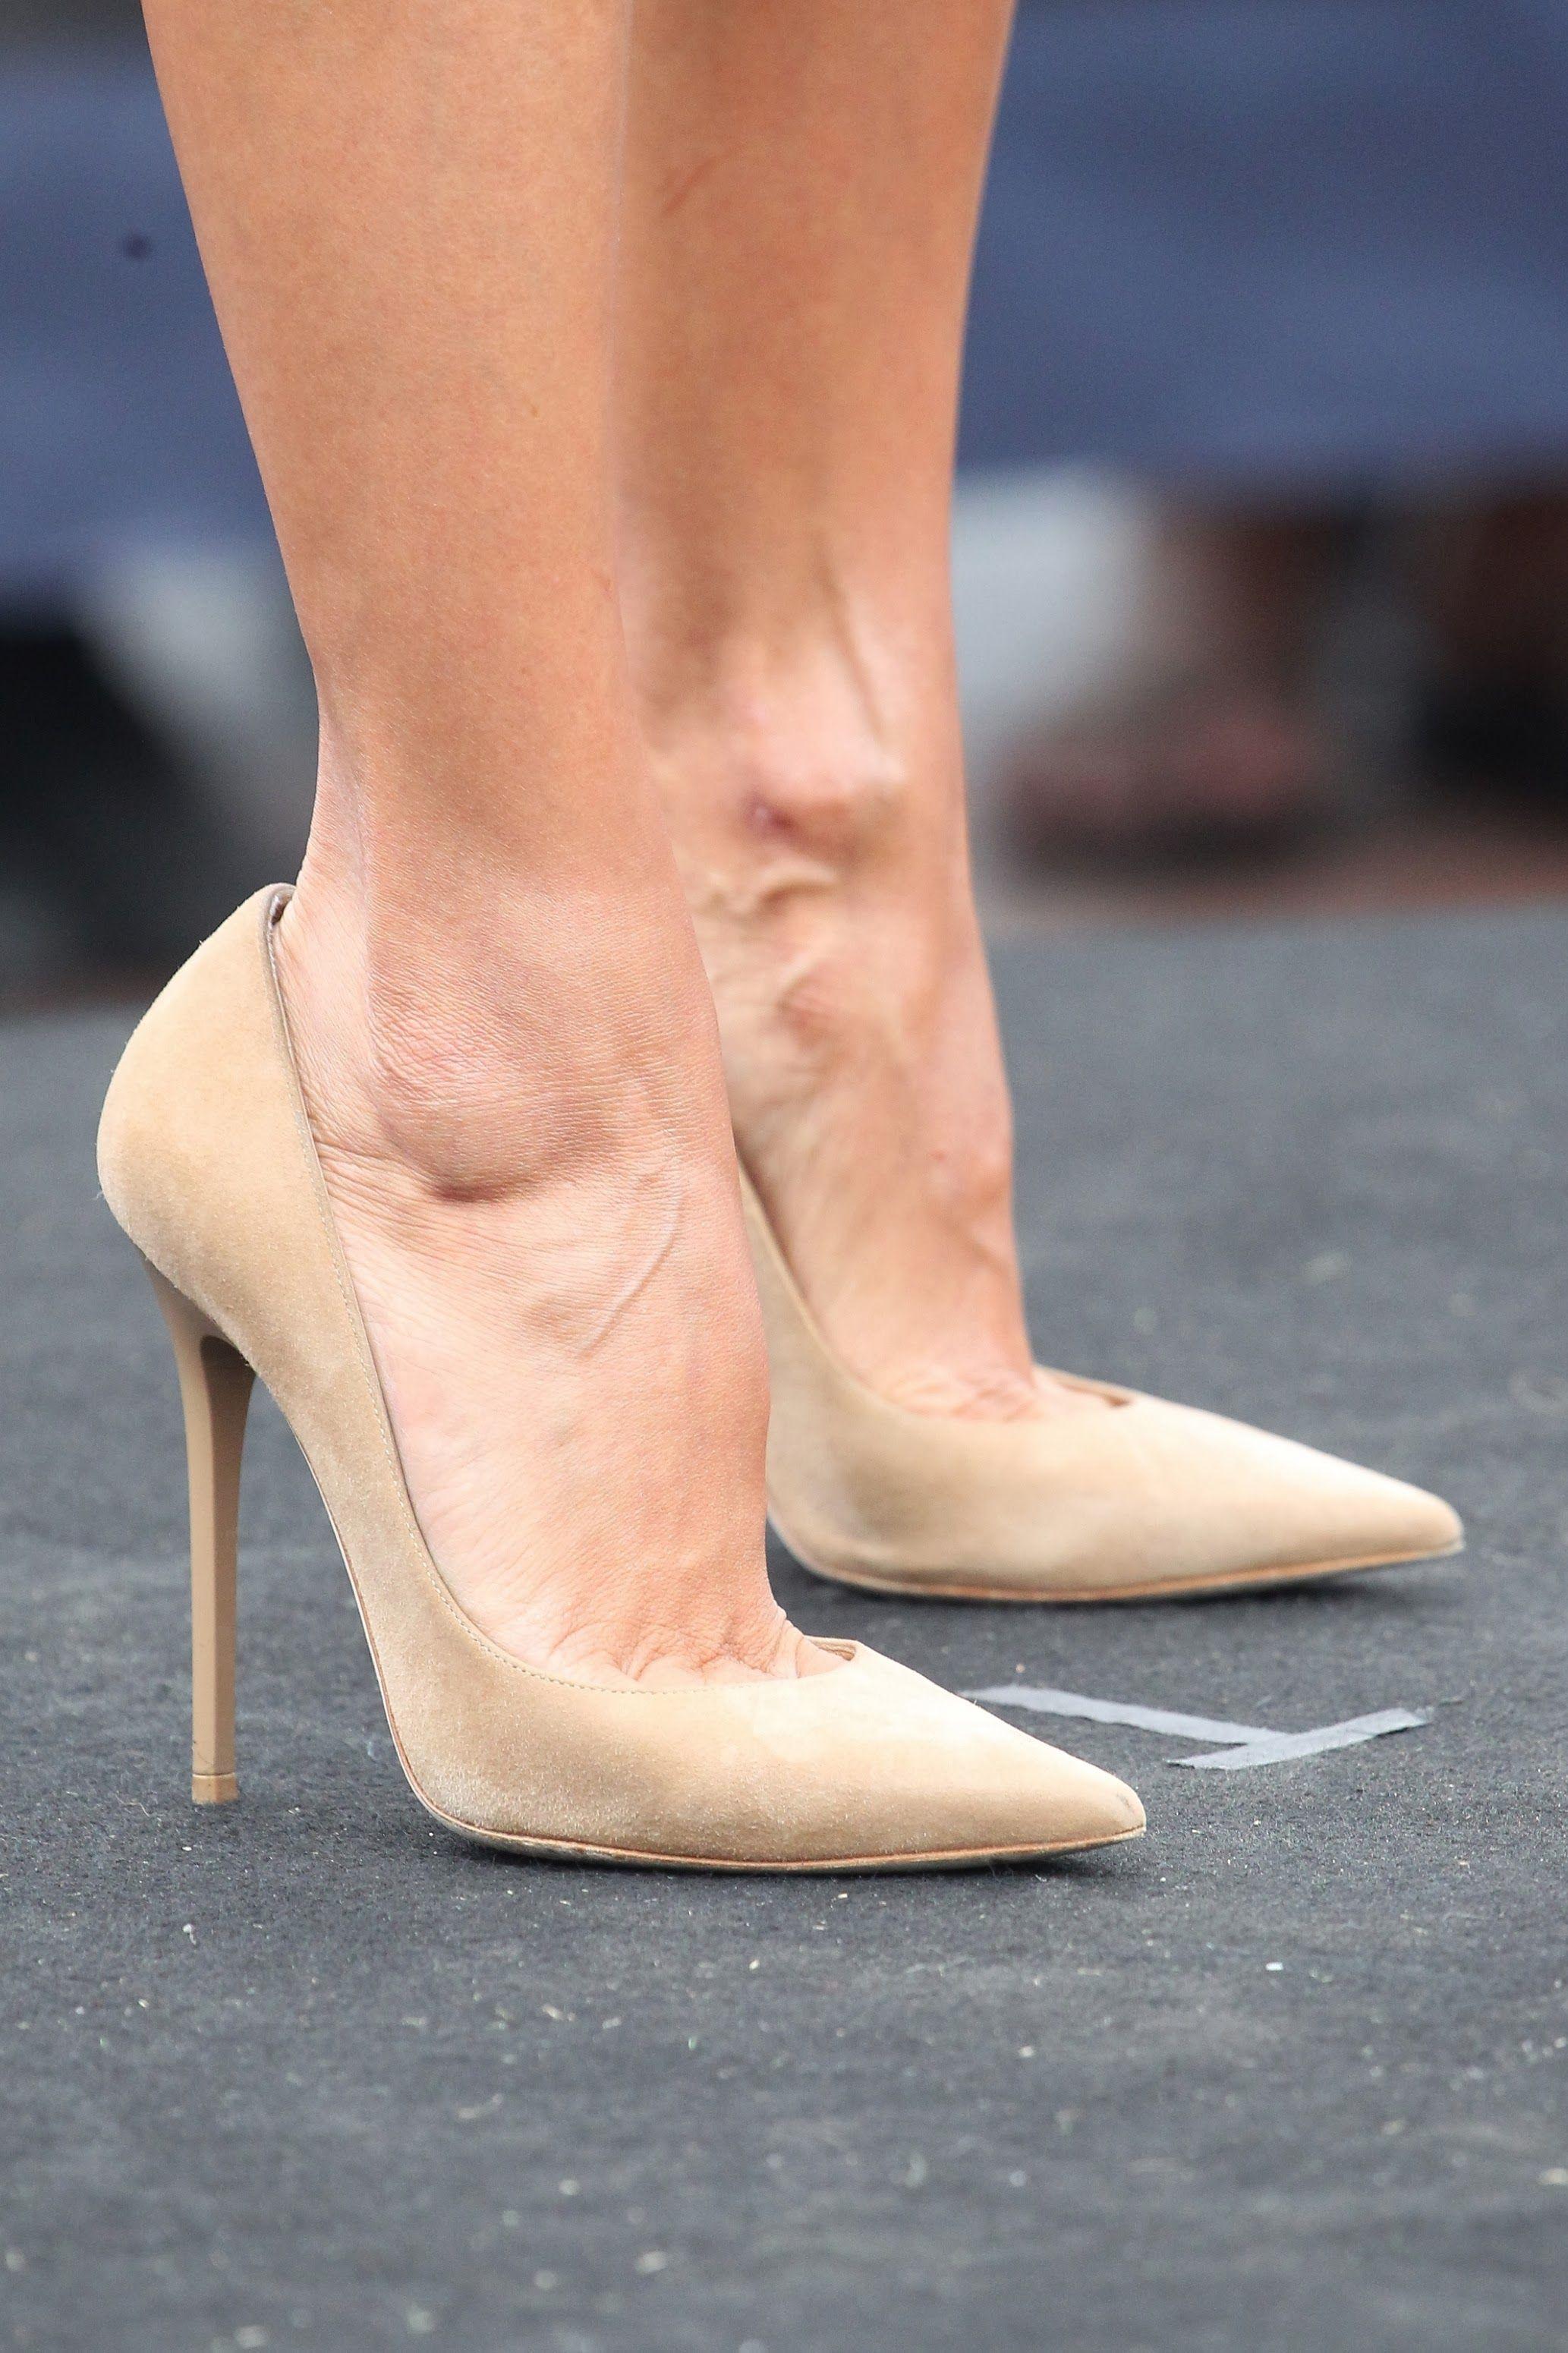 Milf feet nude